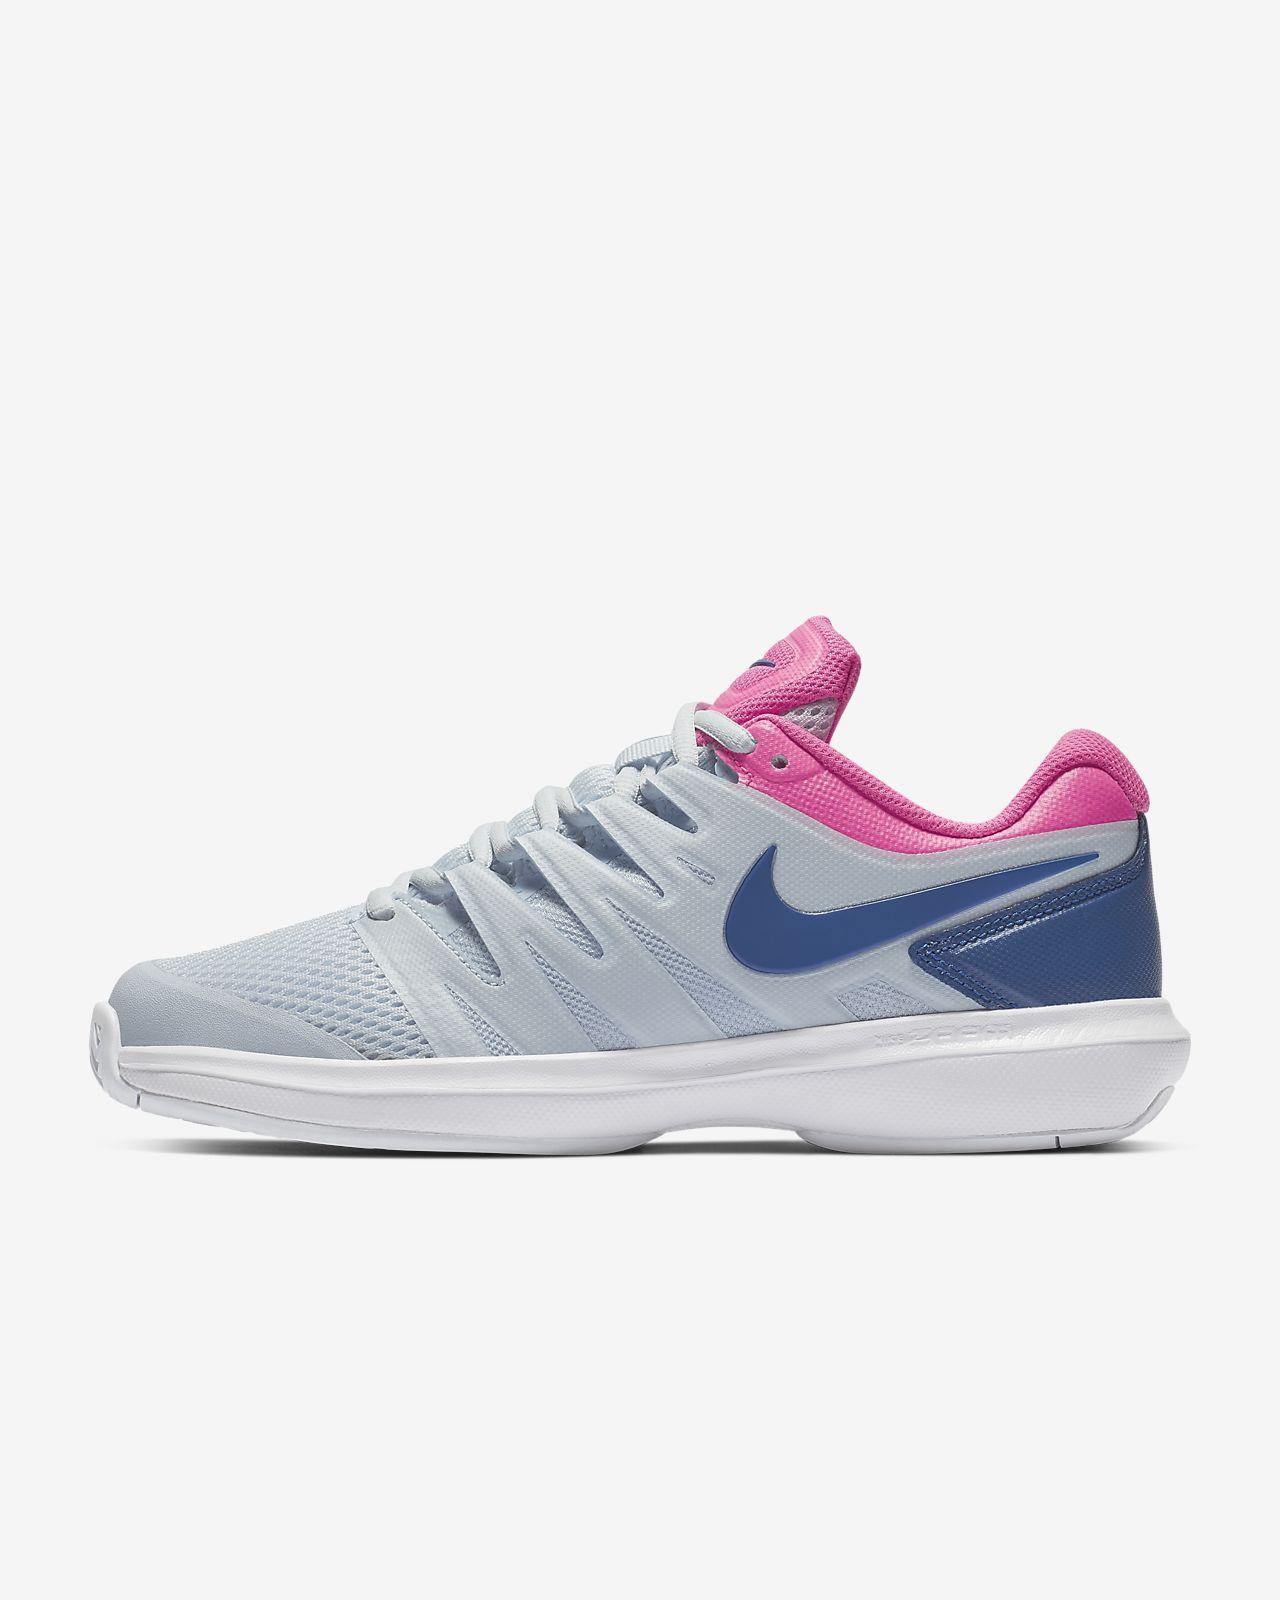 5f2461777c1 ... Calzado de tenis de cancha dura para mujer NikeCourt Air Zoom Prestige